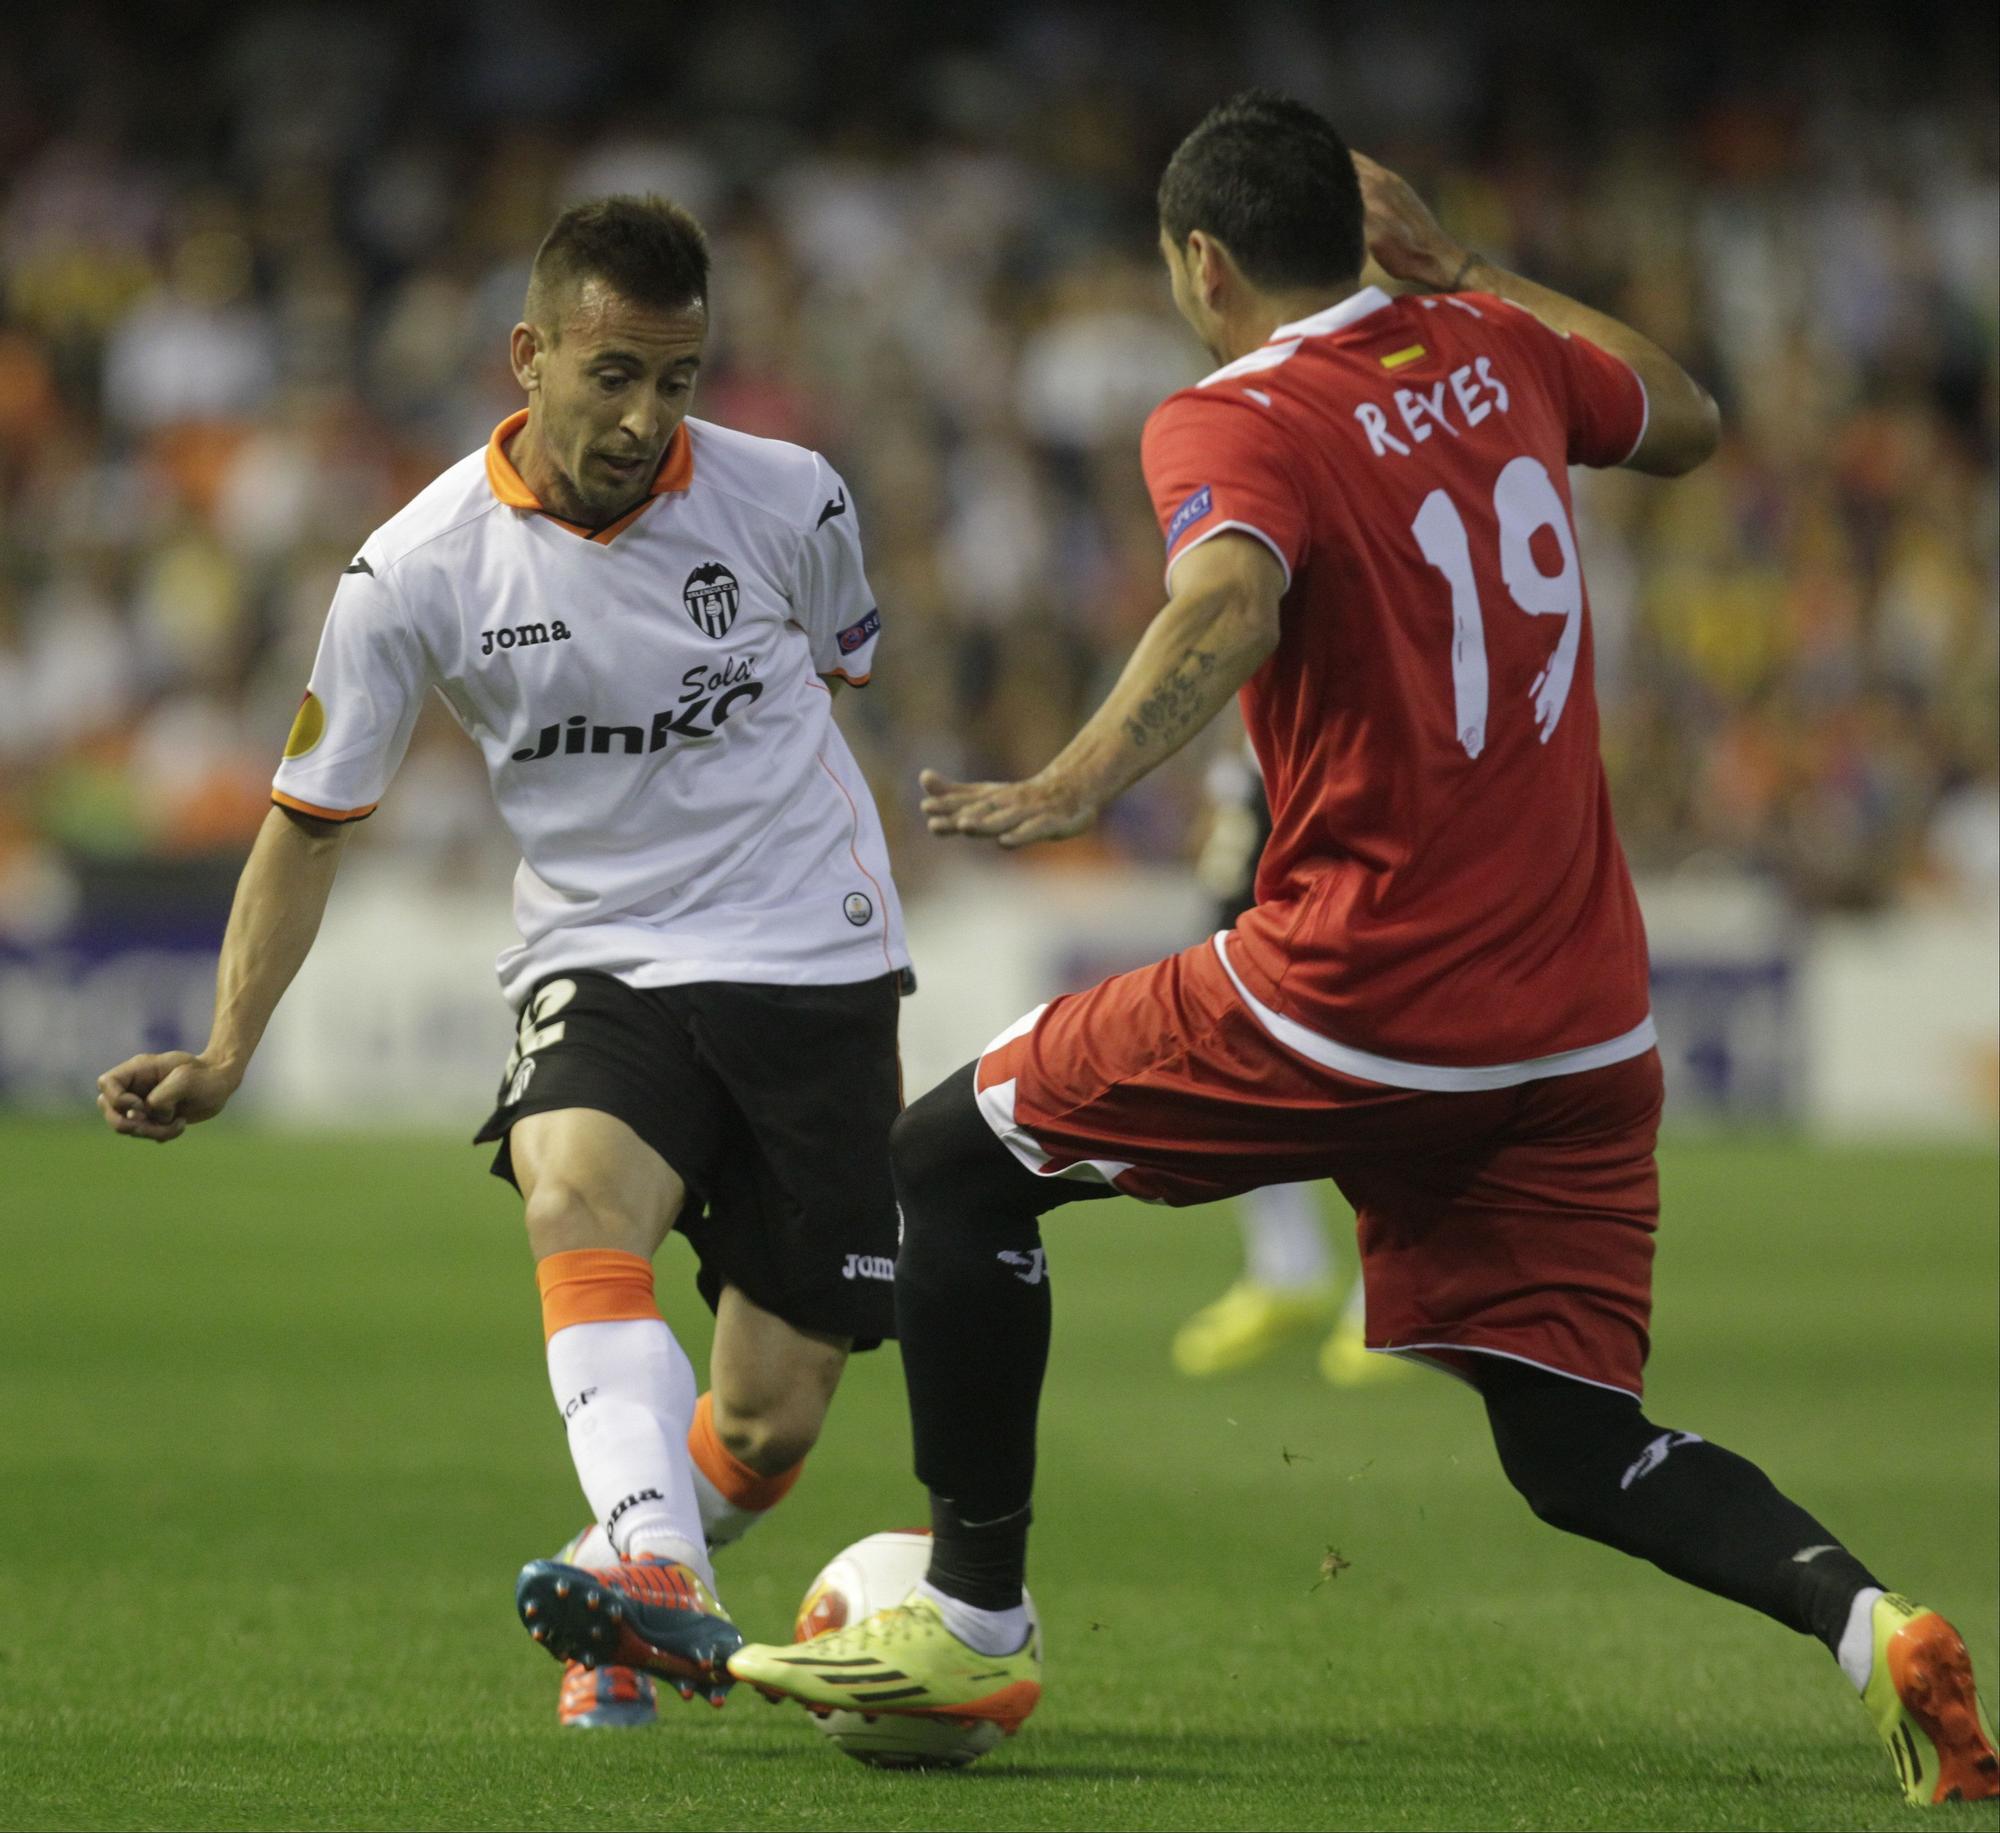 ¿Recuerdas alguno de estos enfrentamientos Valencia - Sevilla?